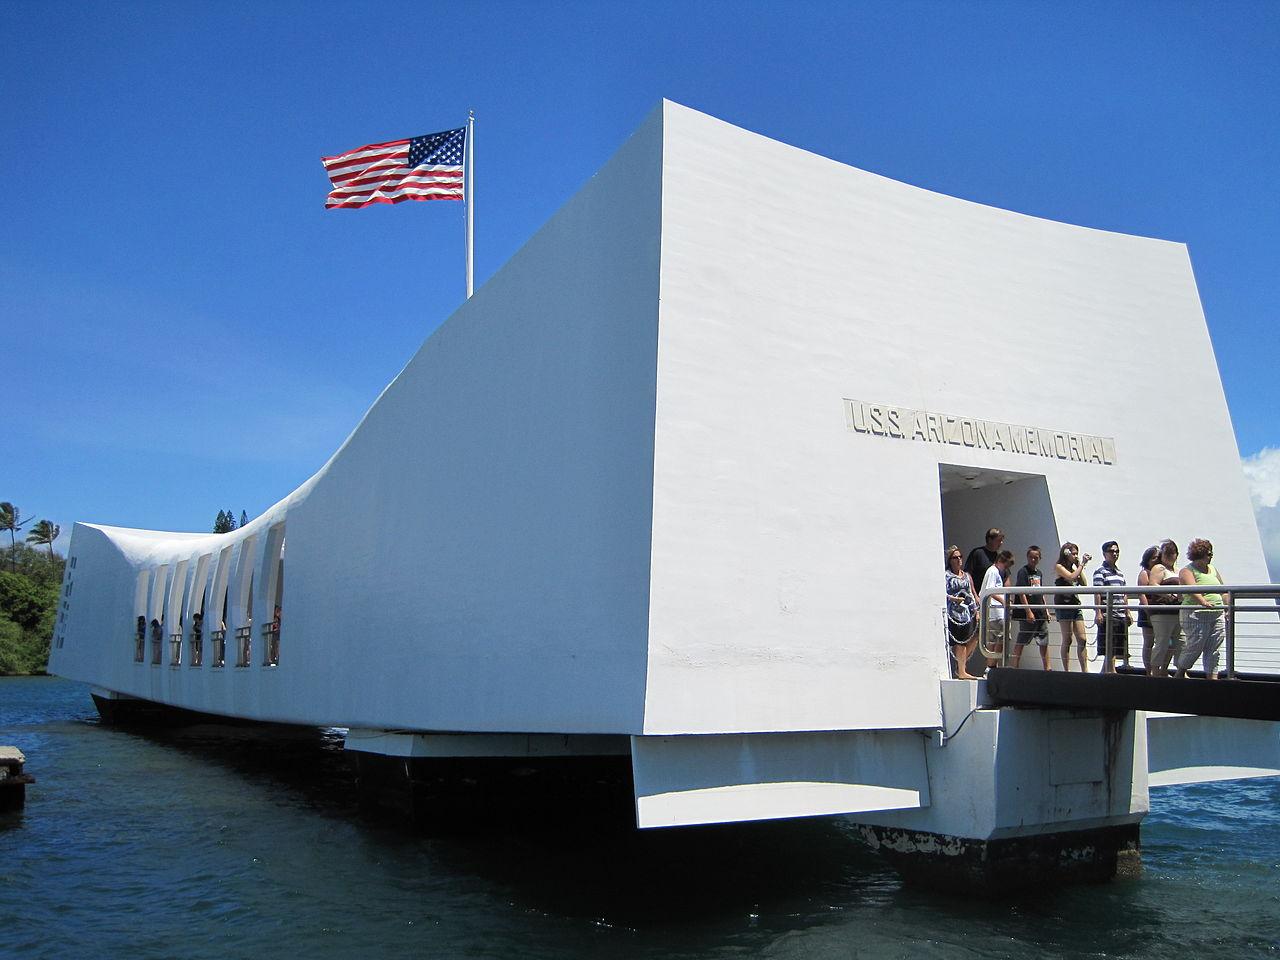 【目論み通り】日経の世論調査、内閣支持率が64%にアップ!「真珠湾訪問を評価する」が84%に上る!